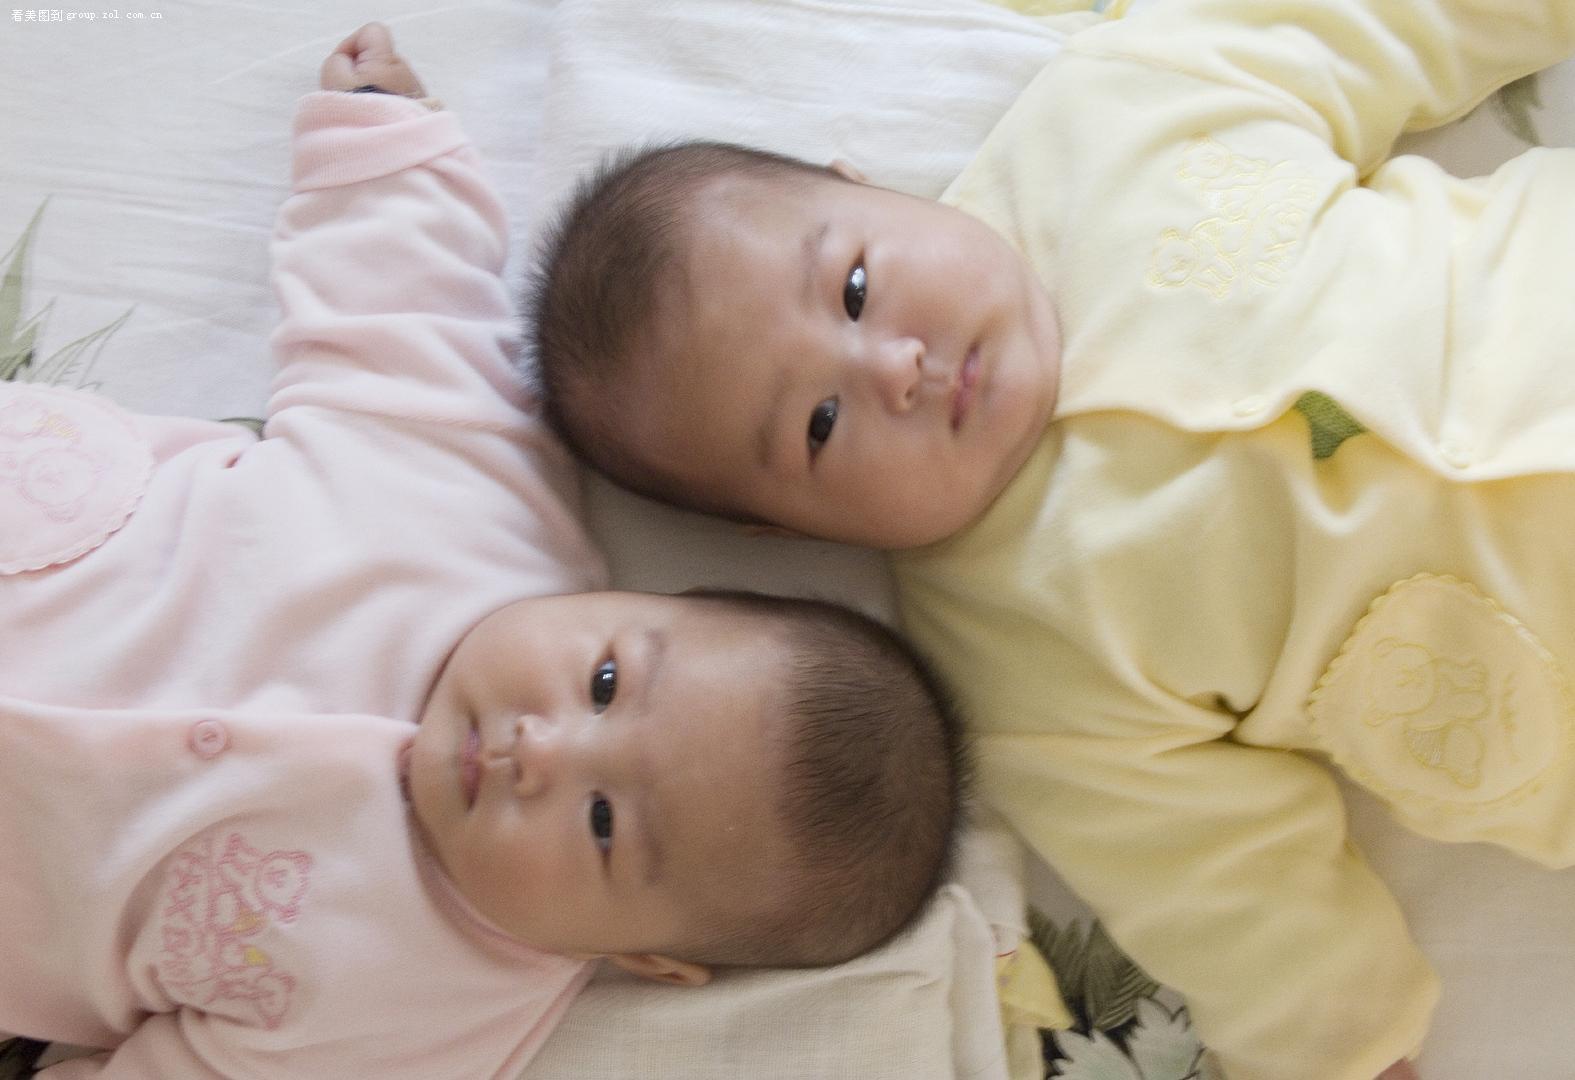 数码摄影论坛 人像摄影论坛 家有双胞胎女儿  只看楼主大小 楼主发表